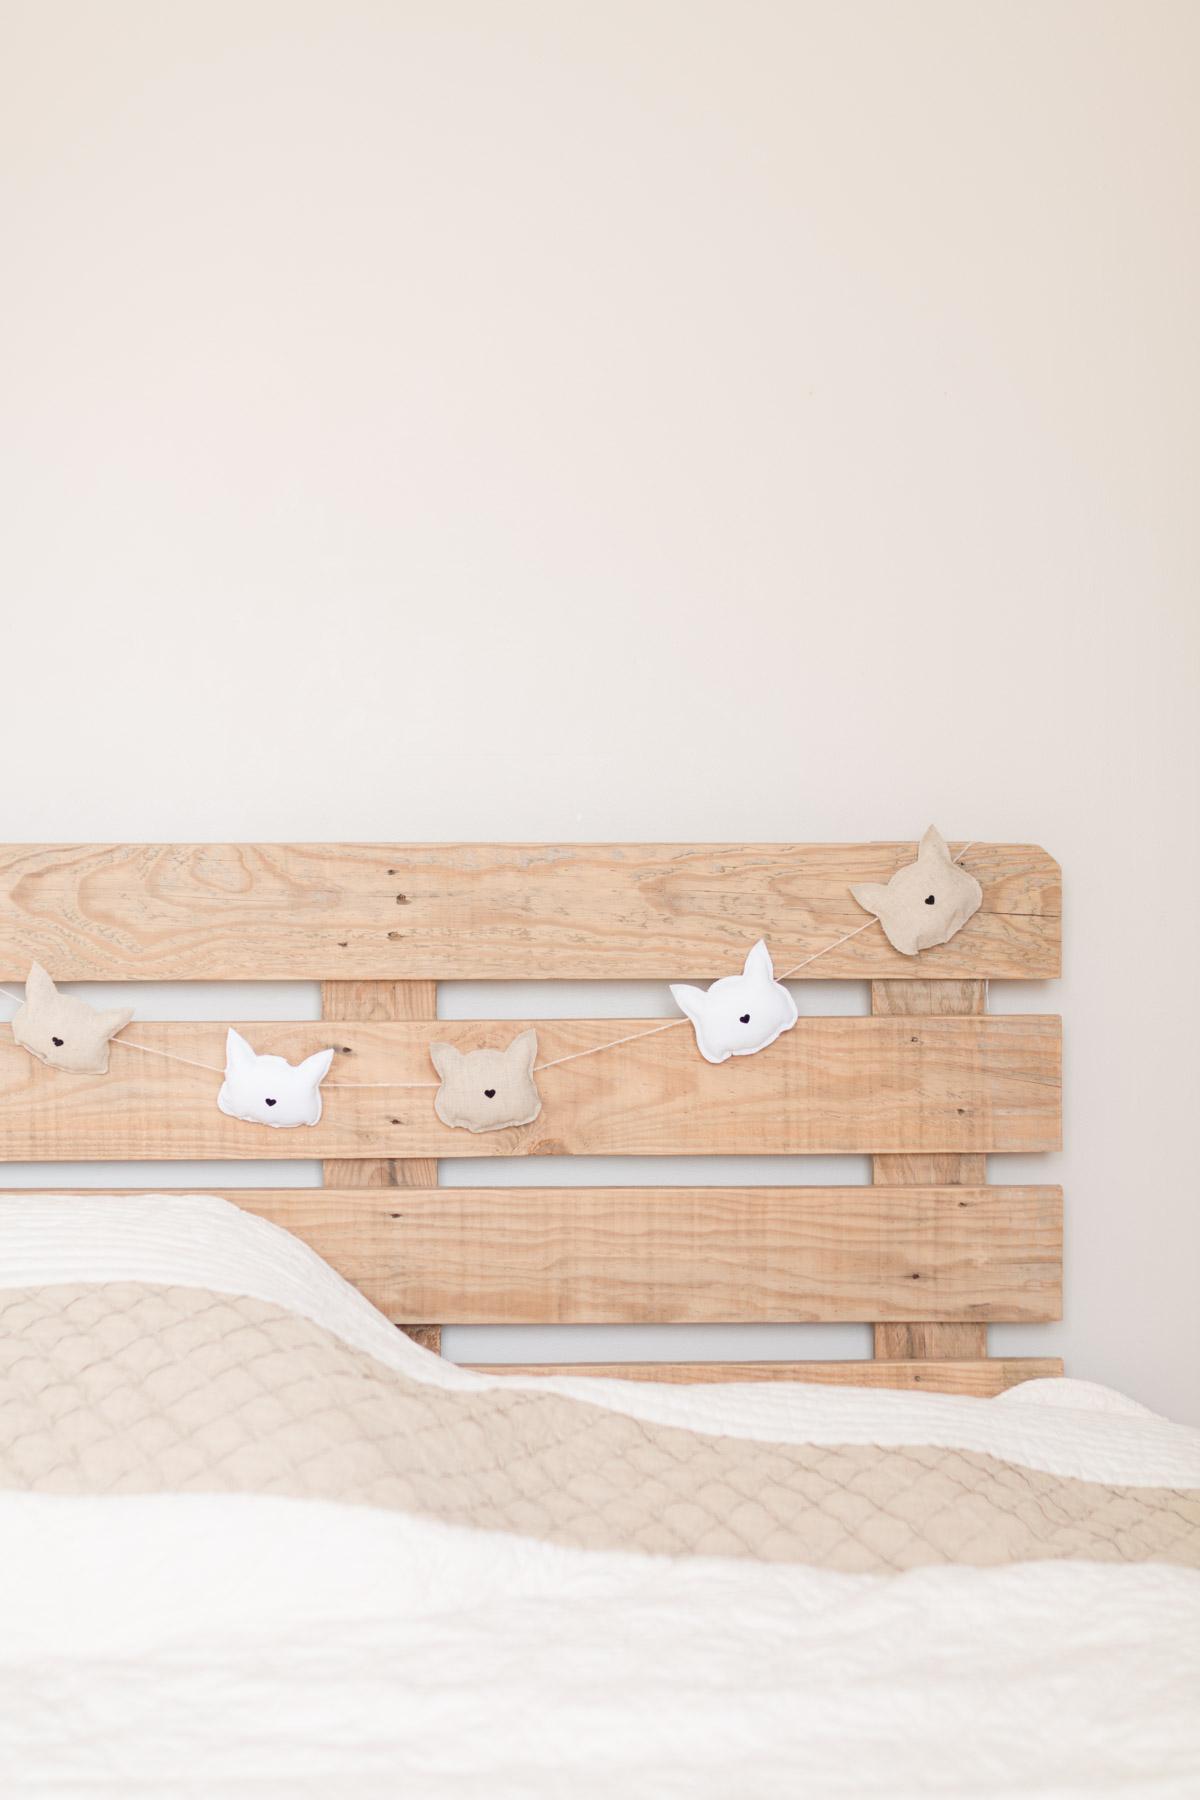 DIY Guirlande petits chats  I Sp4nkblog-12